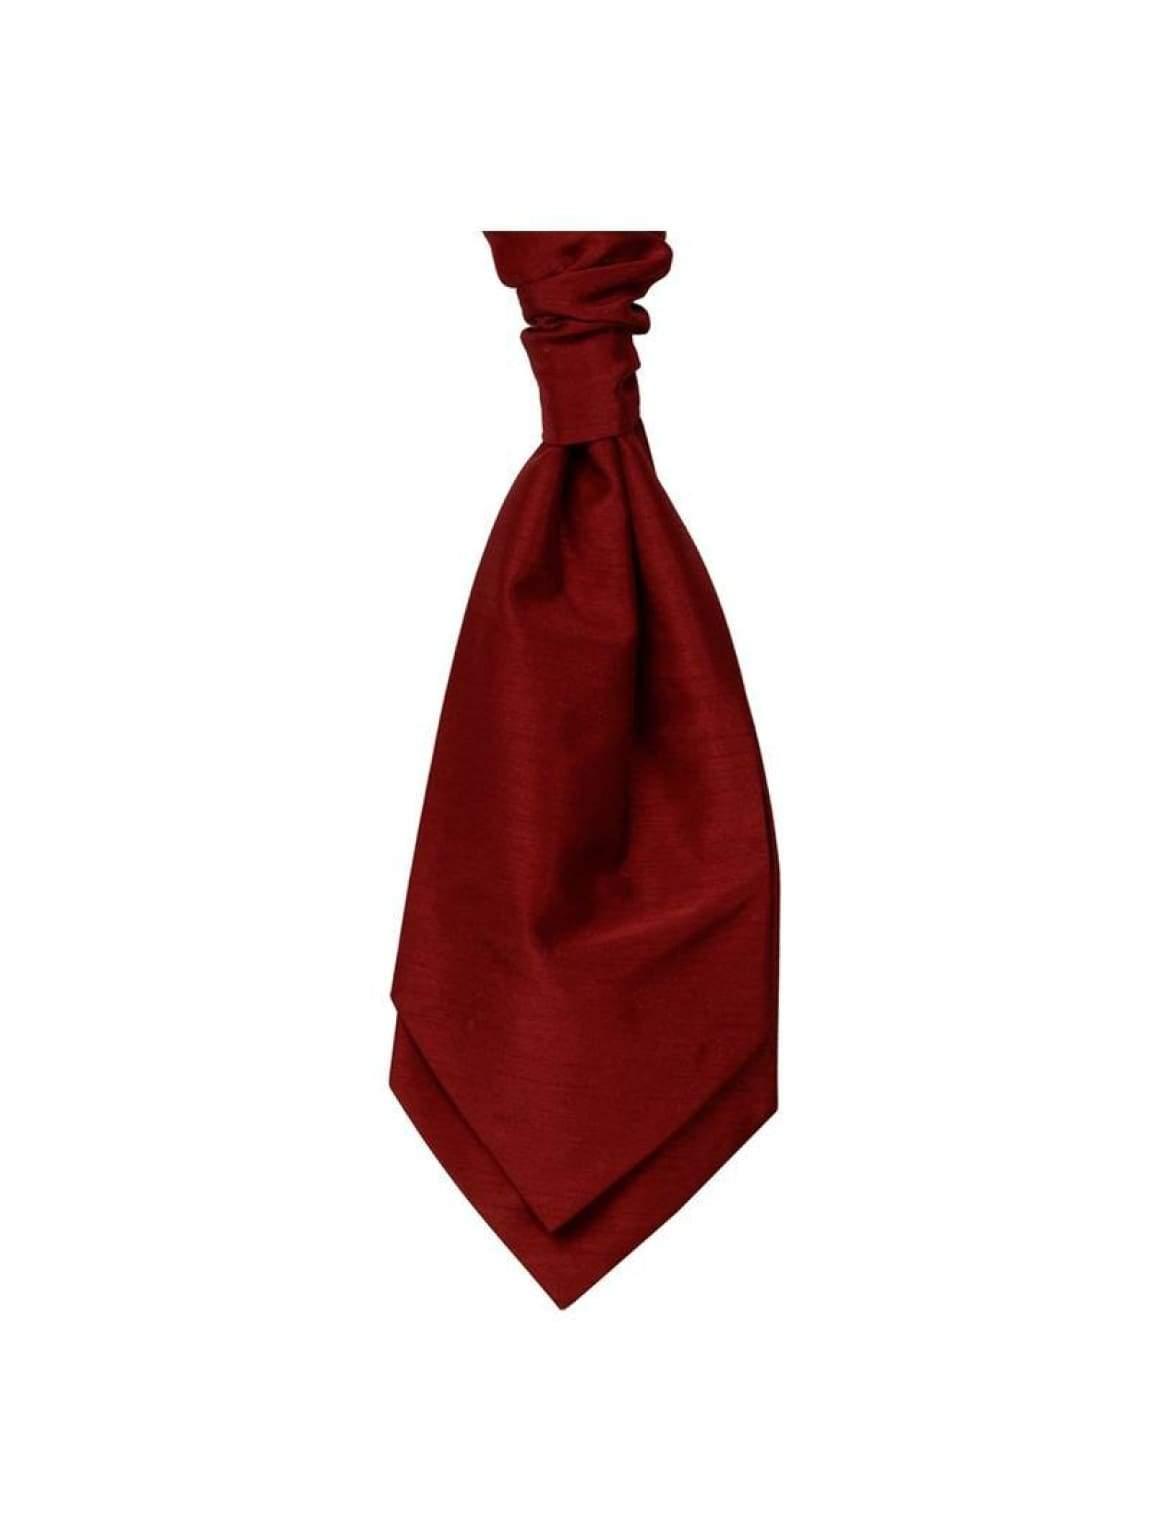 Mens LA Smith Wedding Pre-Tied Cravats - Red - Accessories